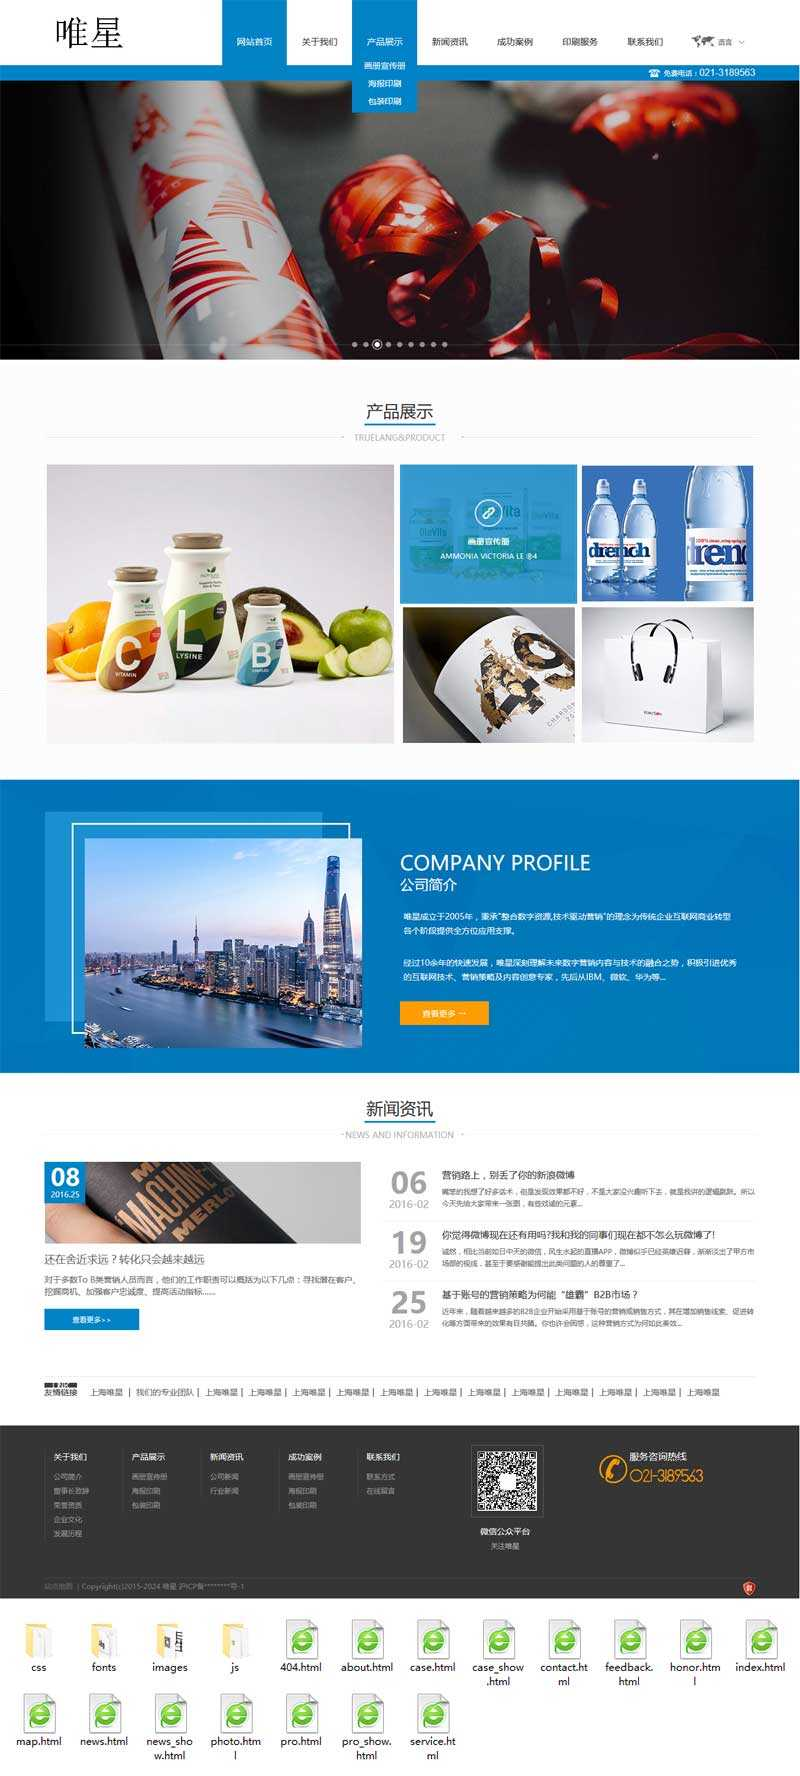 蓝色大气的印刷包装公司响应式网站html5模板